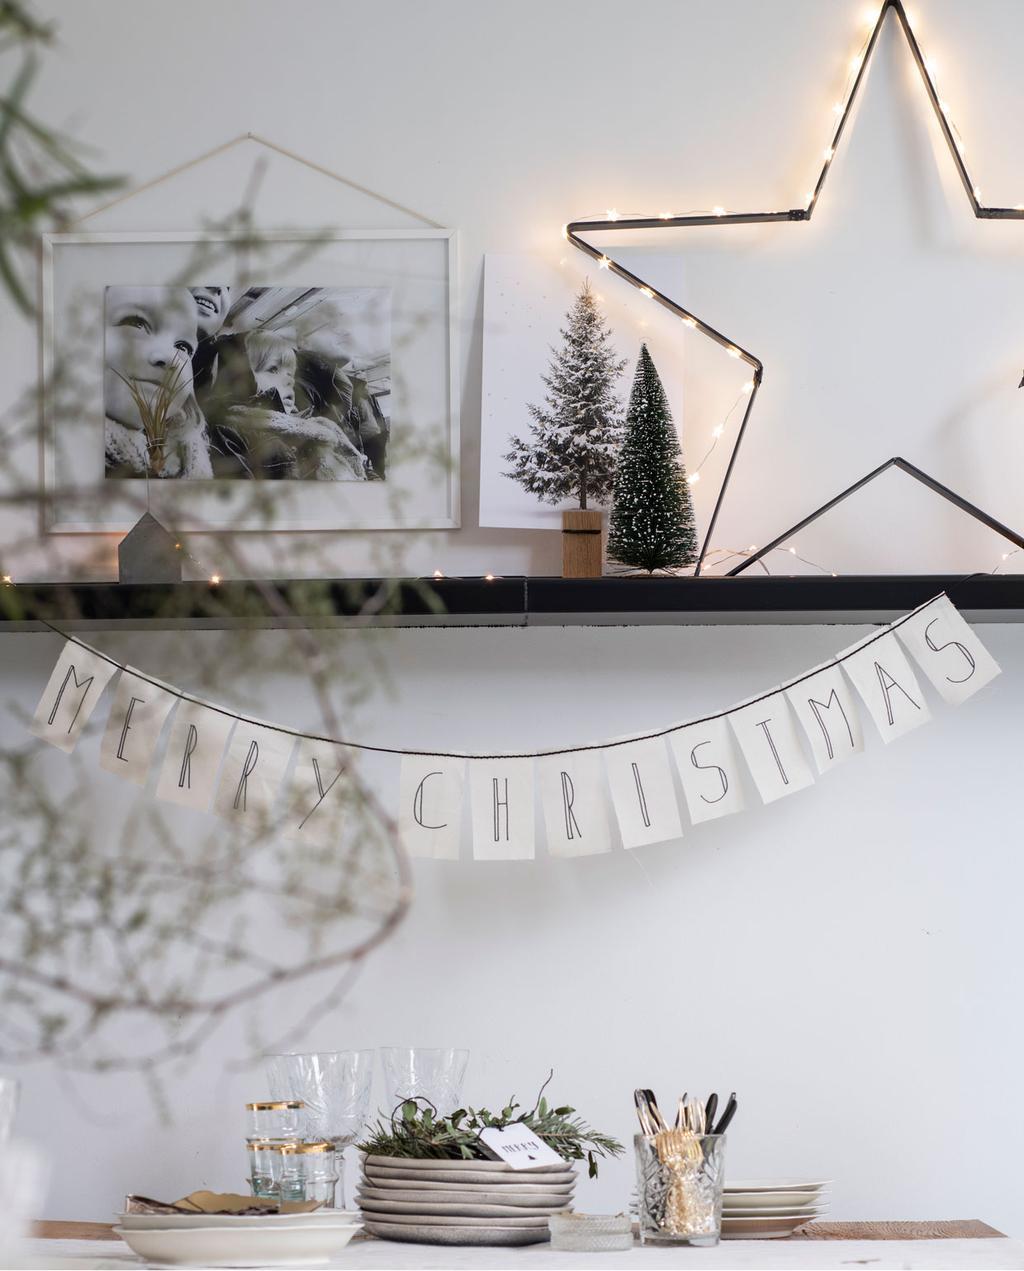 vtwonen 12-2019 | Binnenkijken in een vrijstaand huis in Geleen eetkamer closeup